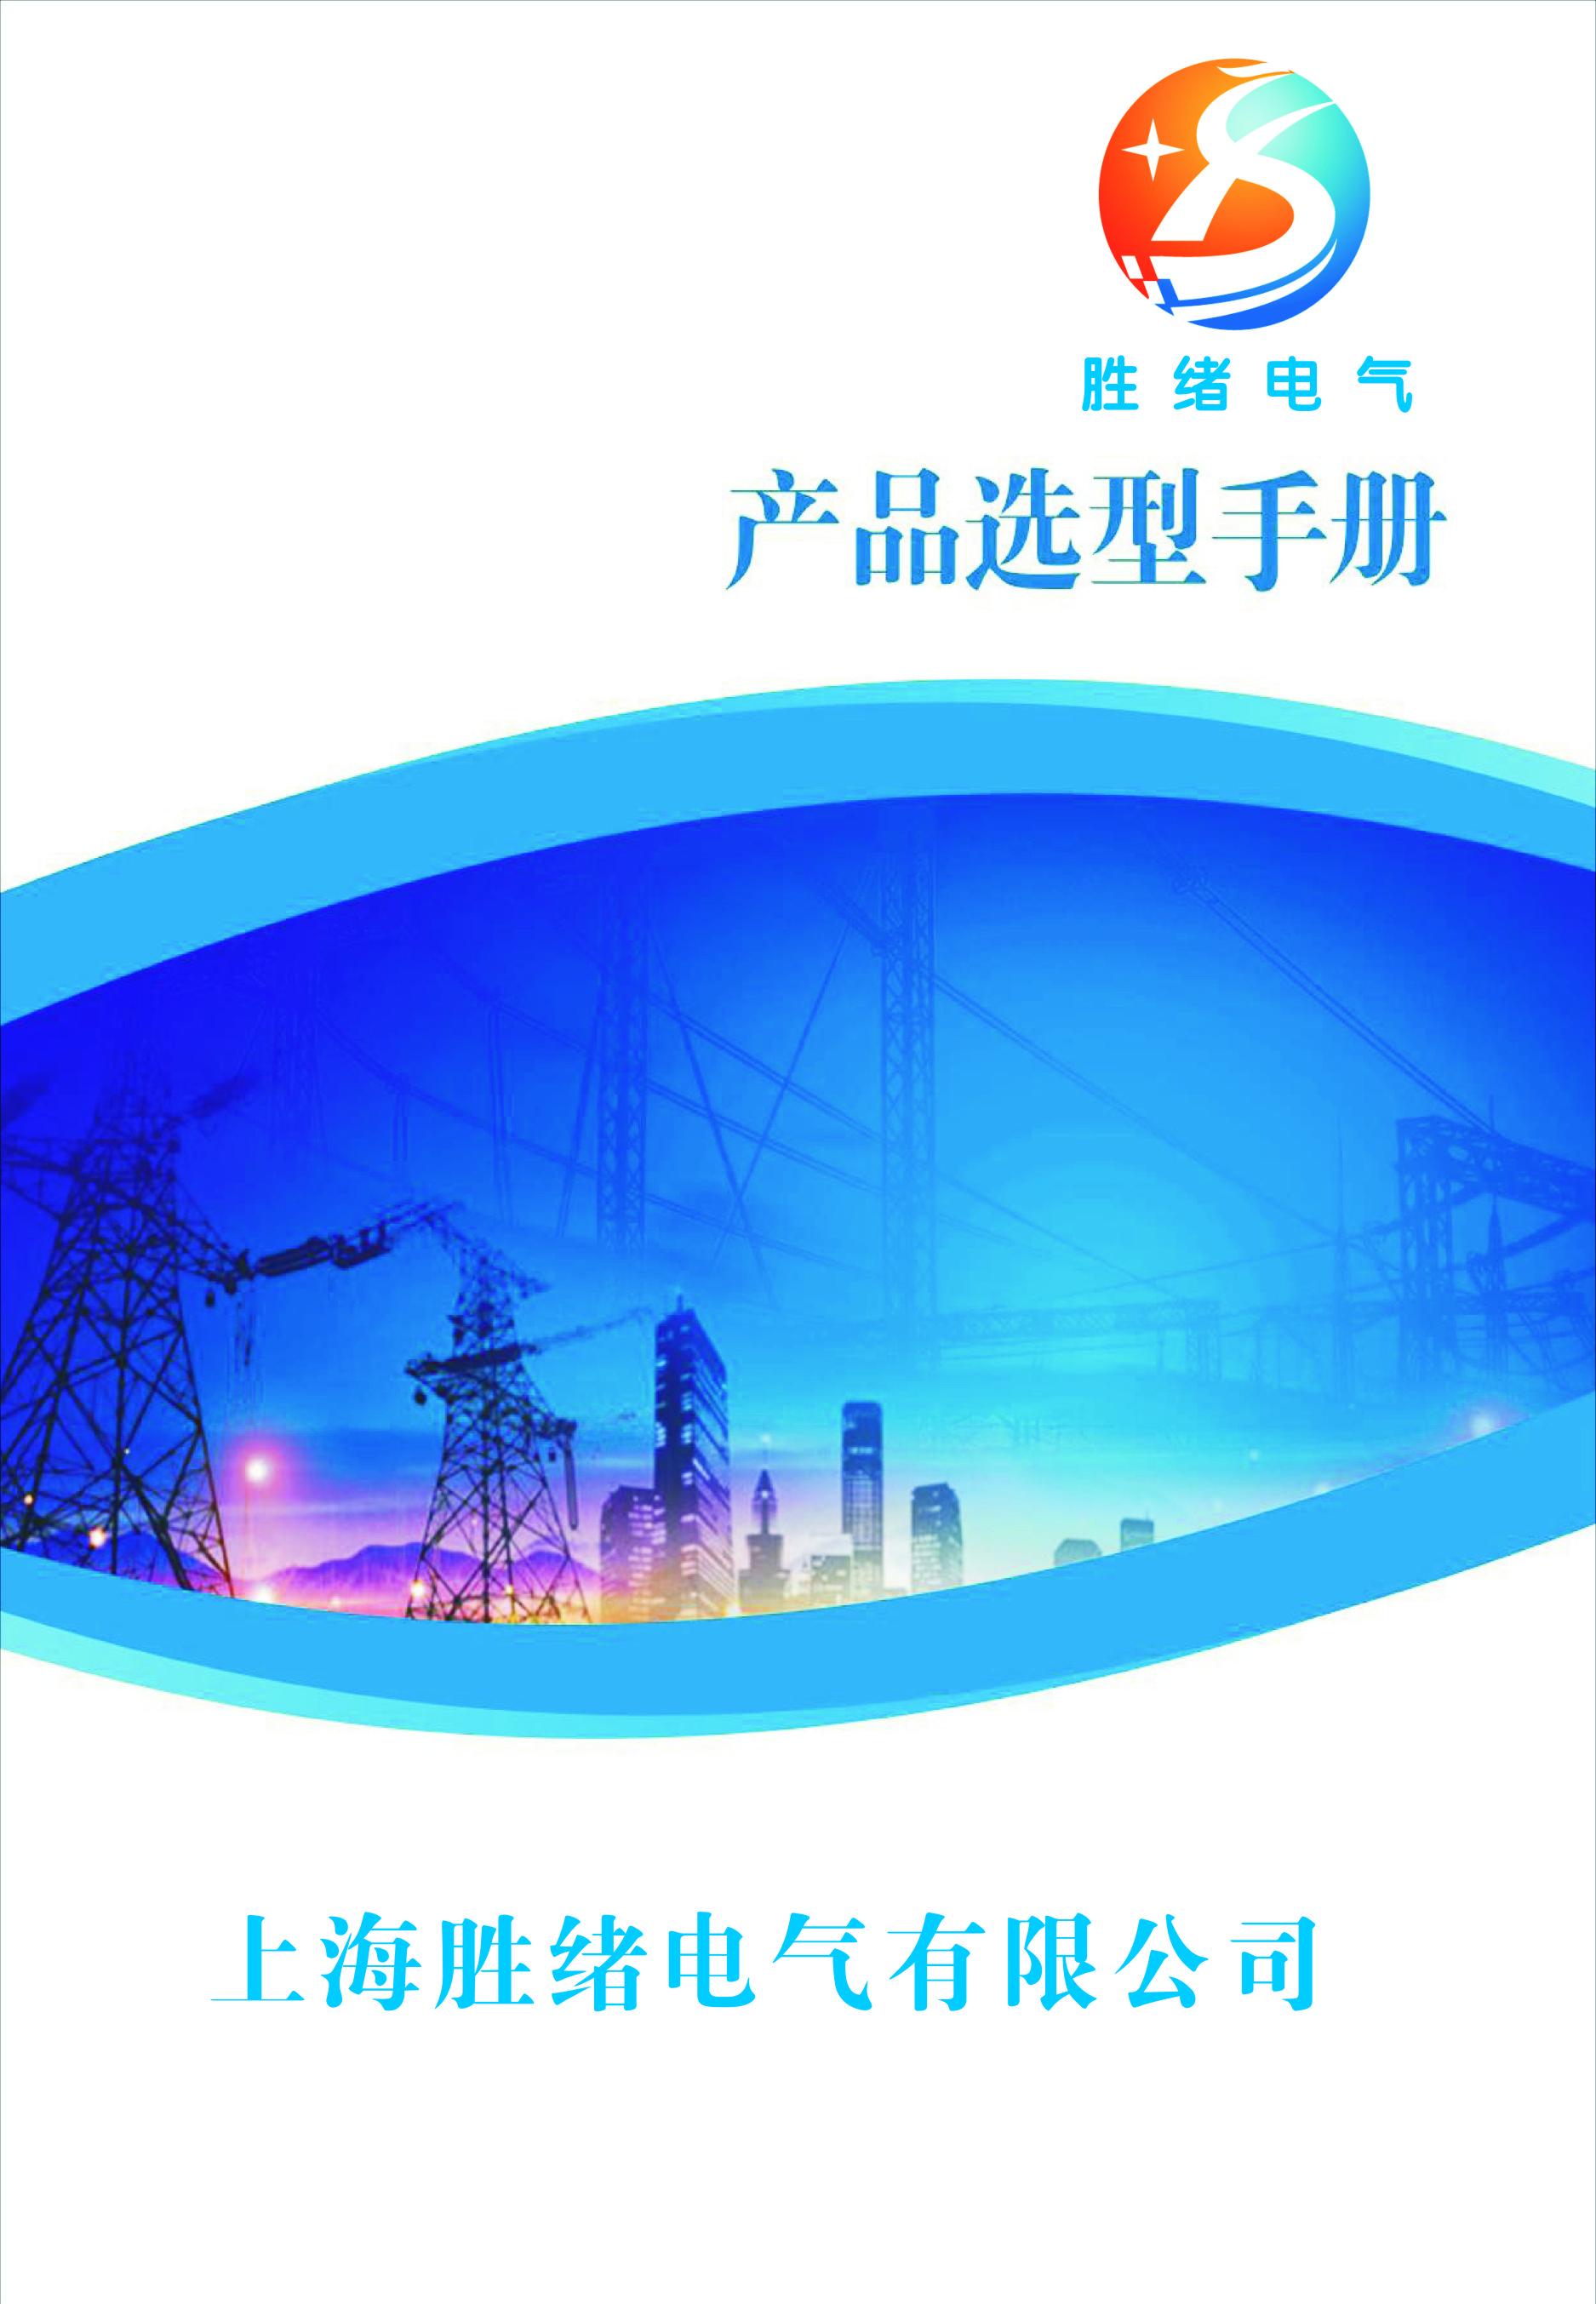 上海胜绪电气企业样本